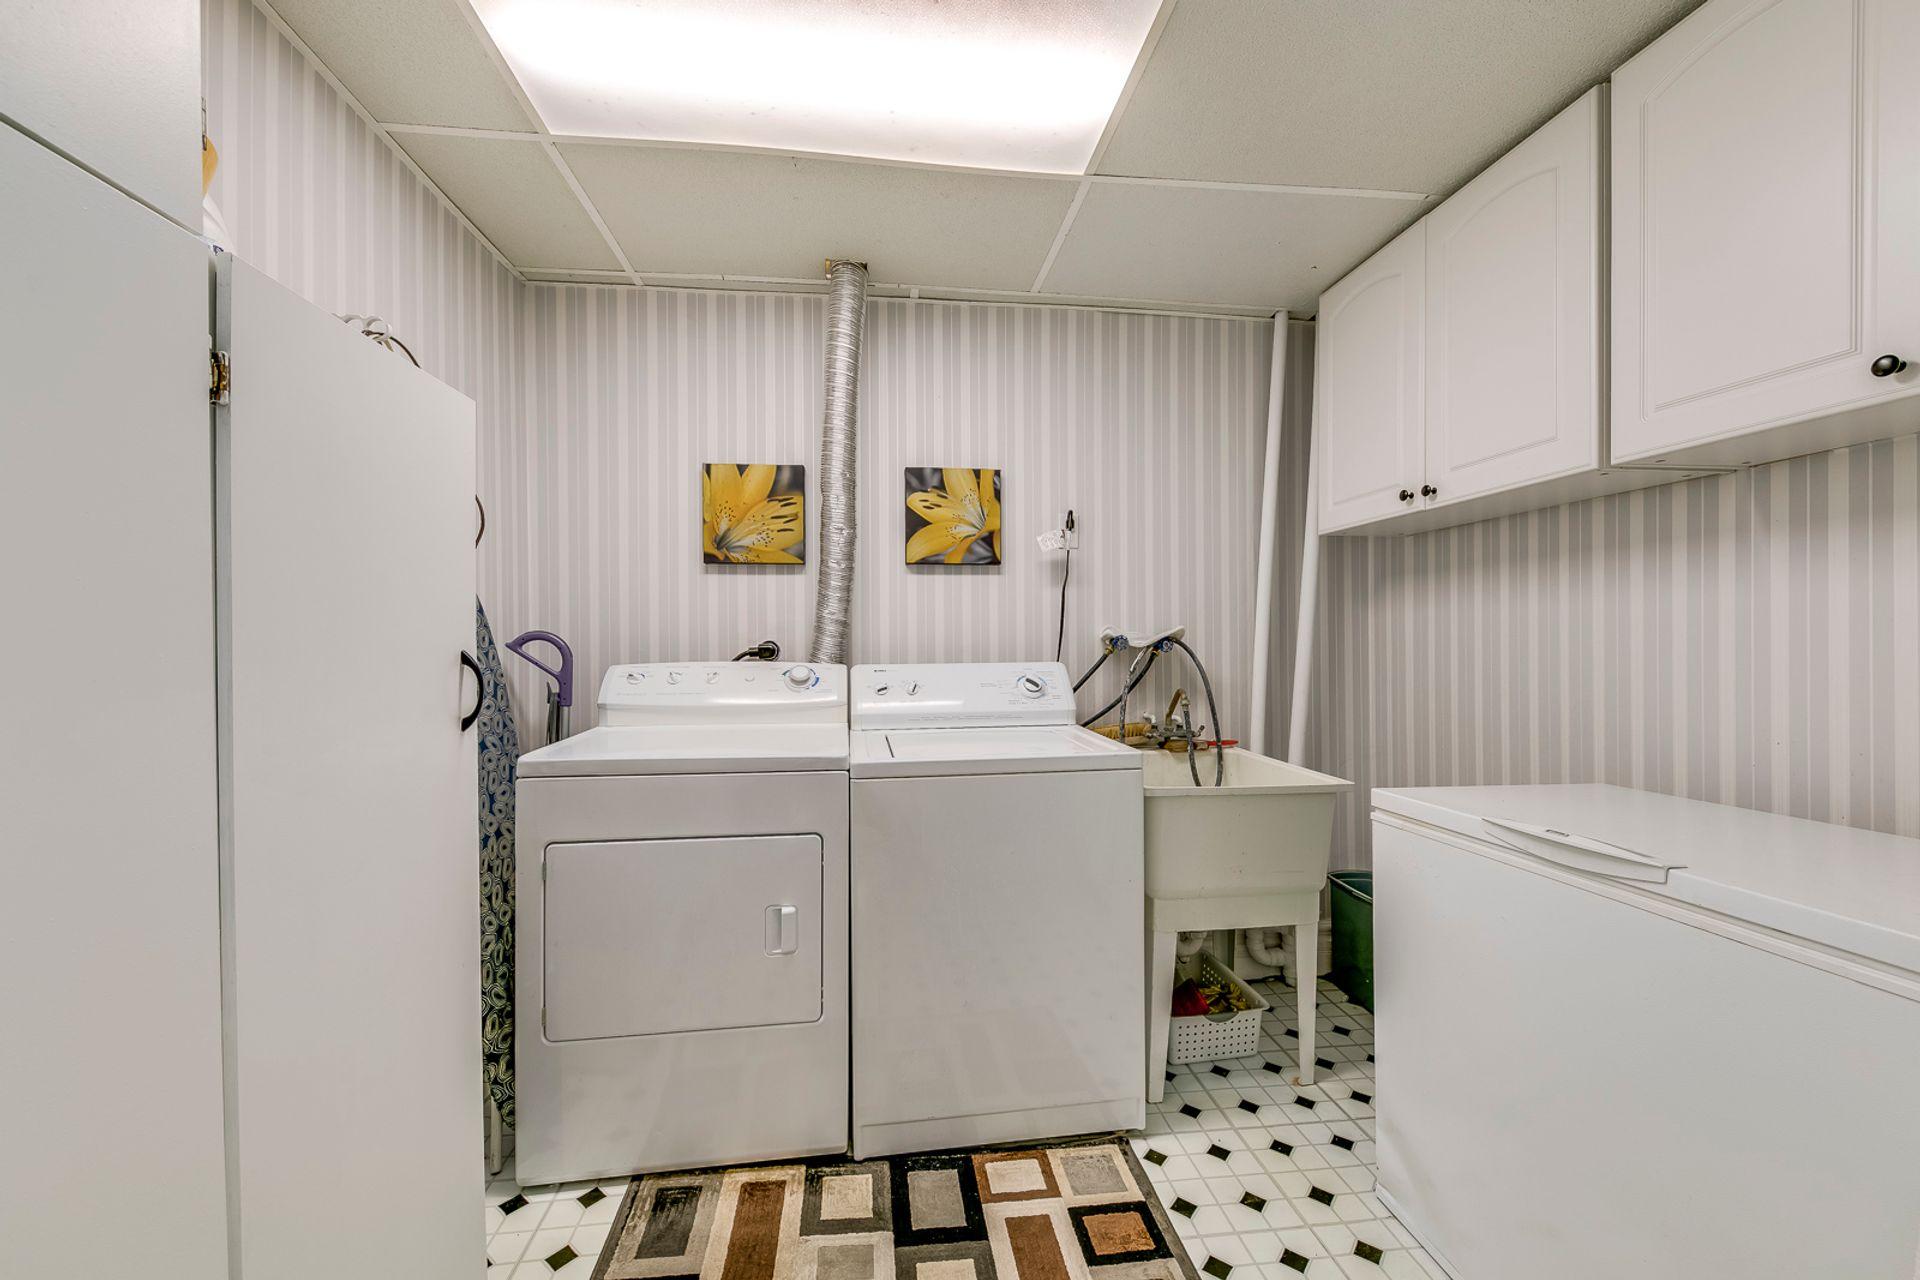 Basement Laundry Room - 1246 Landfair Cres, Oakville - Elite3 & Team at 1246 Landfair Crescent, Iroquois Ridge South, Oakville